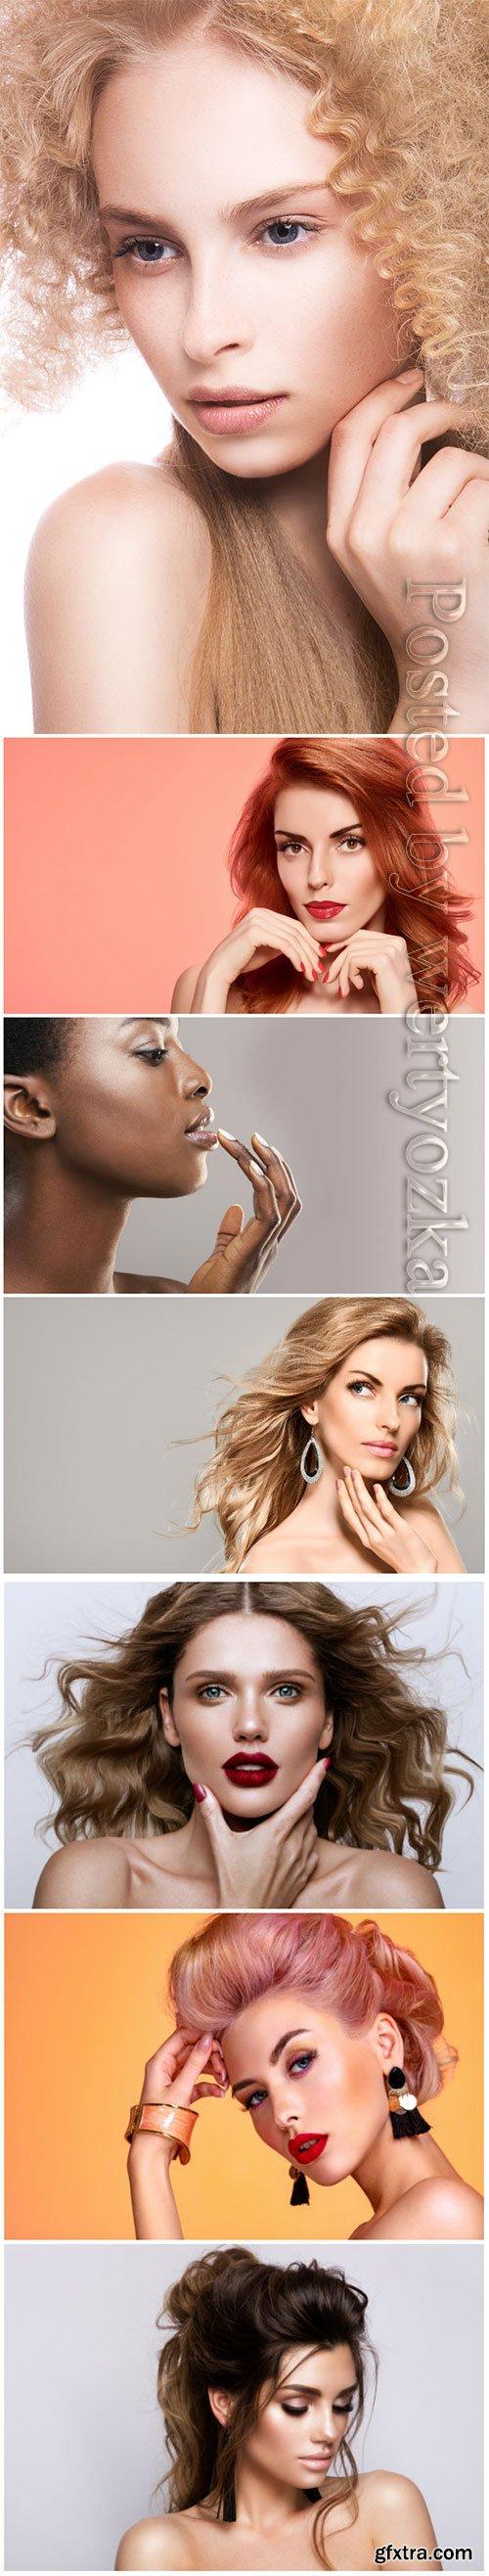 Beautiful woman natural makeup skincare